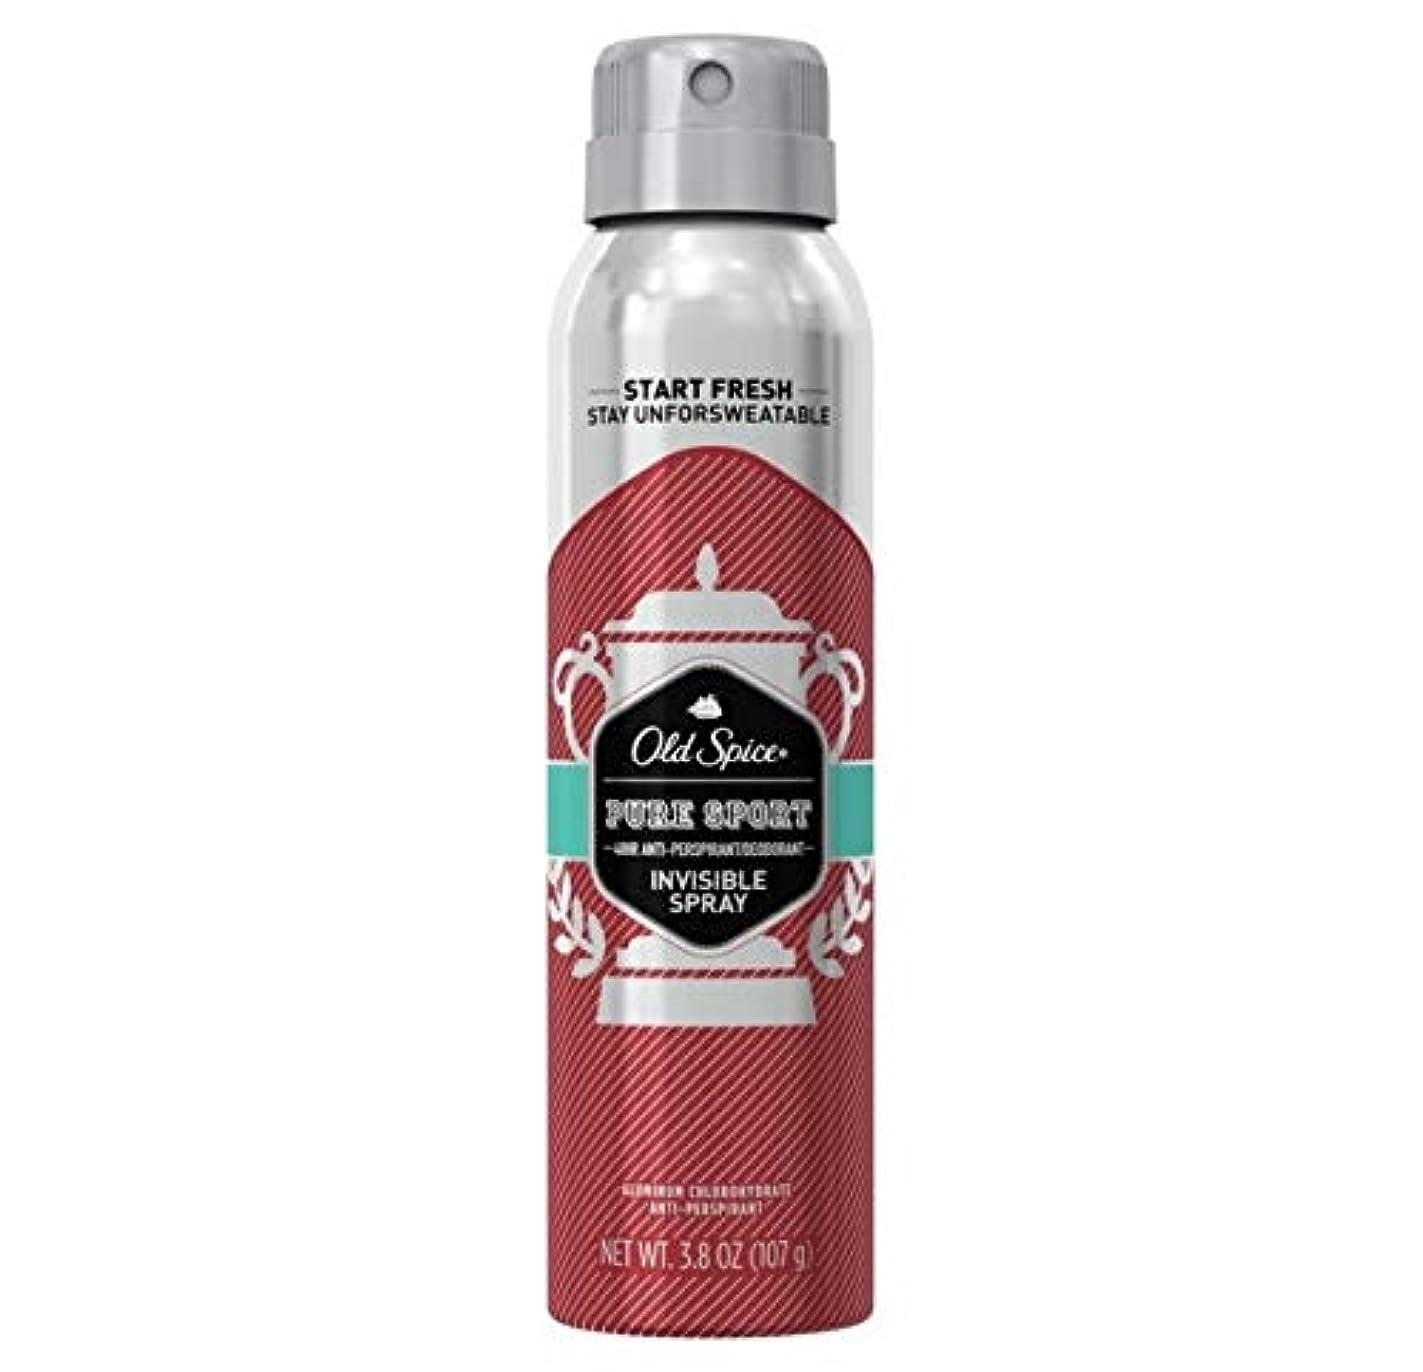 人事位置する南方のOld Spice Pure Sport Invisible Spray Antiperspirant and Deodorant - 3.8oz オールドスパイス インビジブルスプレー ピュアスポーツ 107g [並行輸入品]